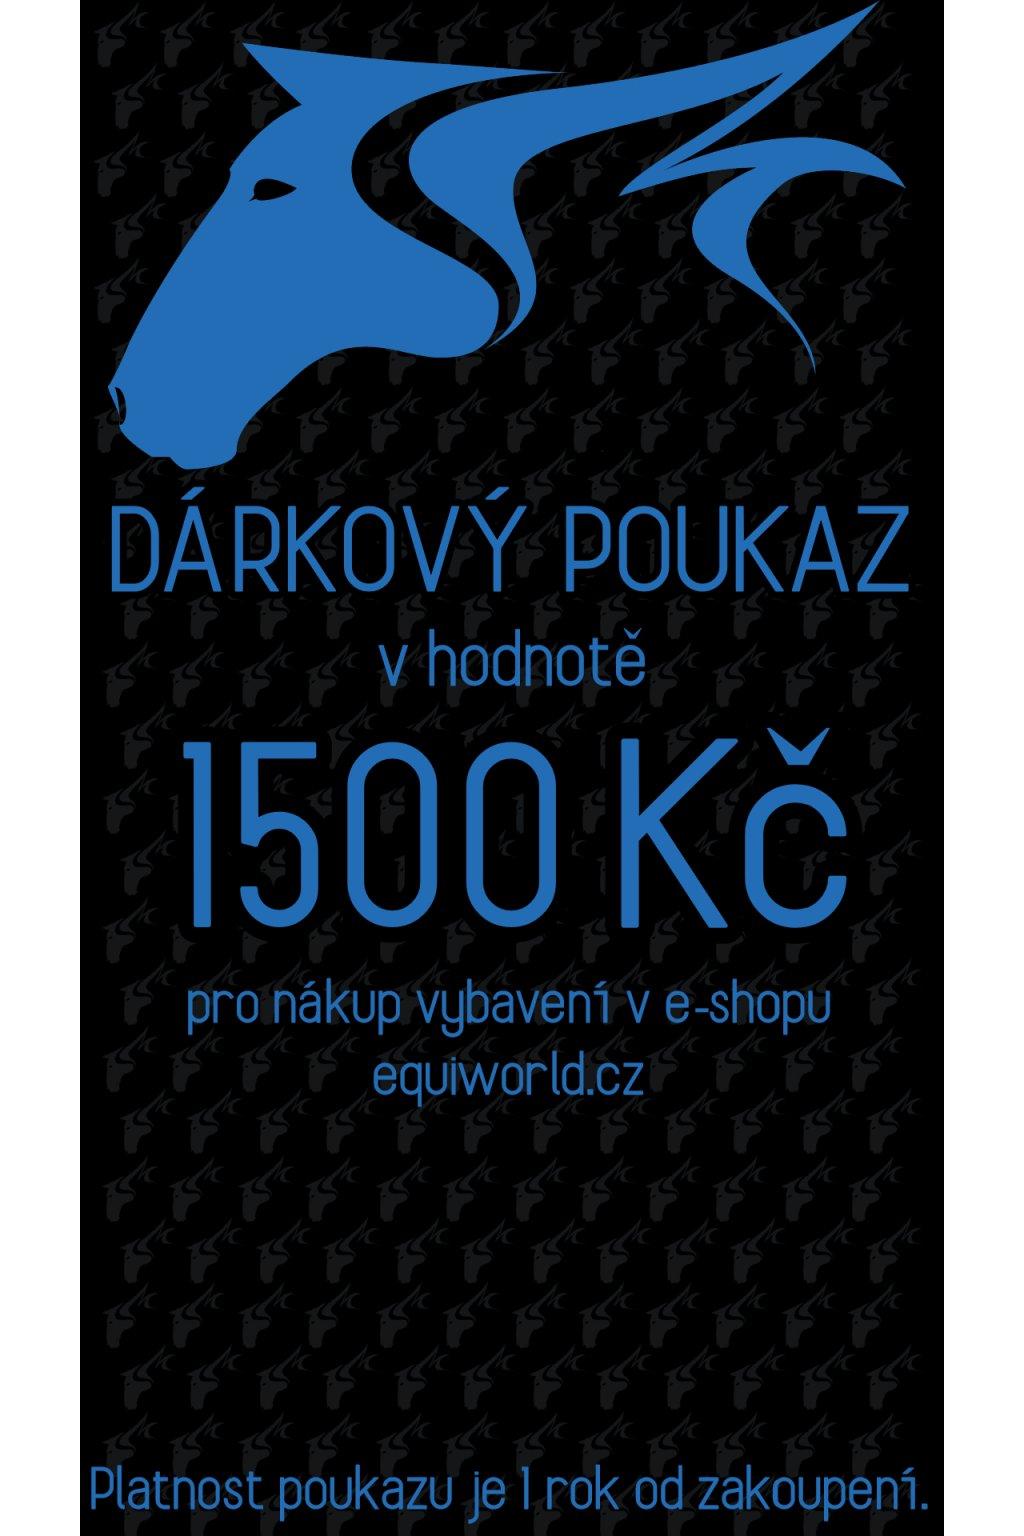 poukaz1500